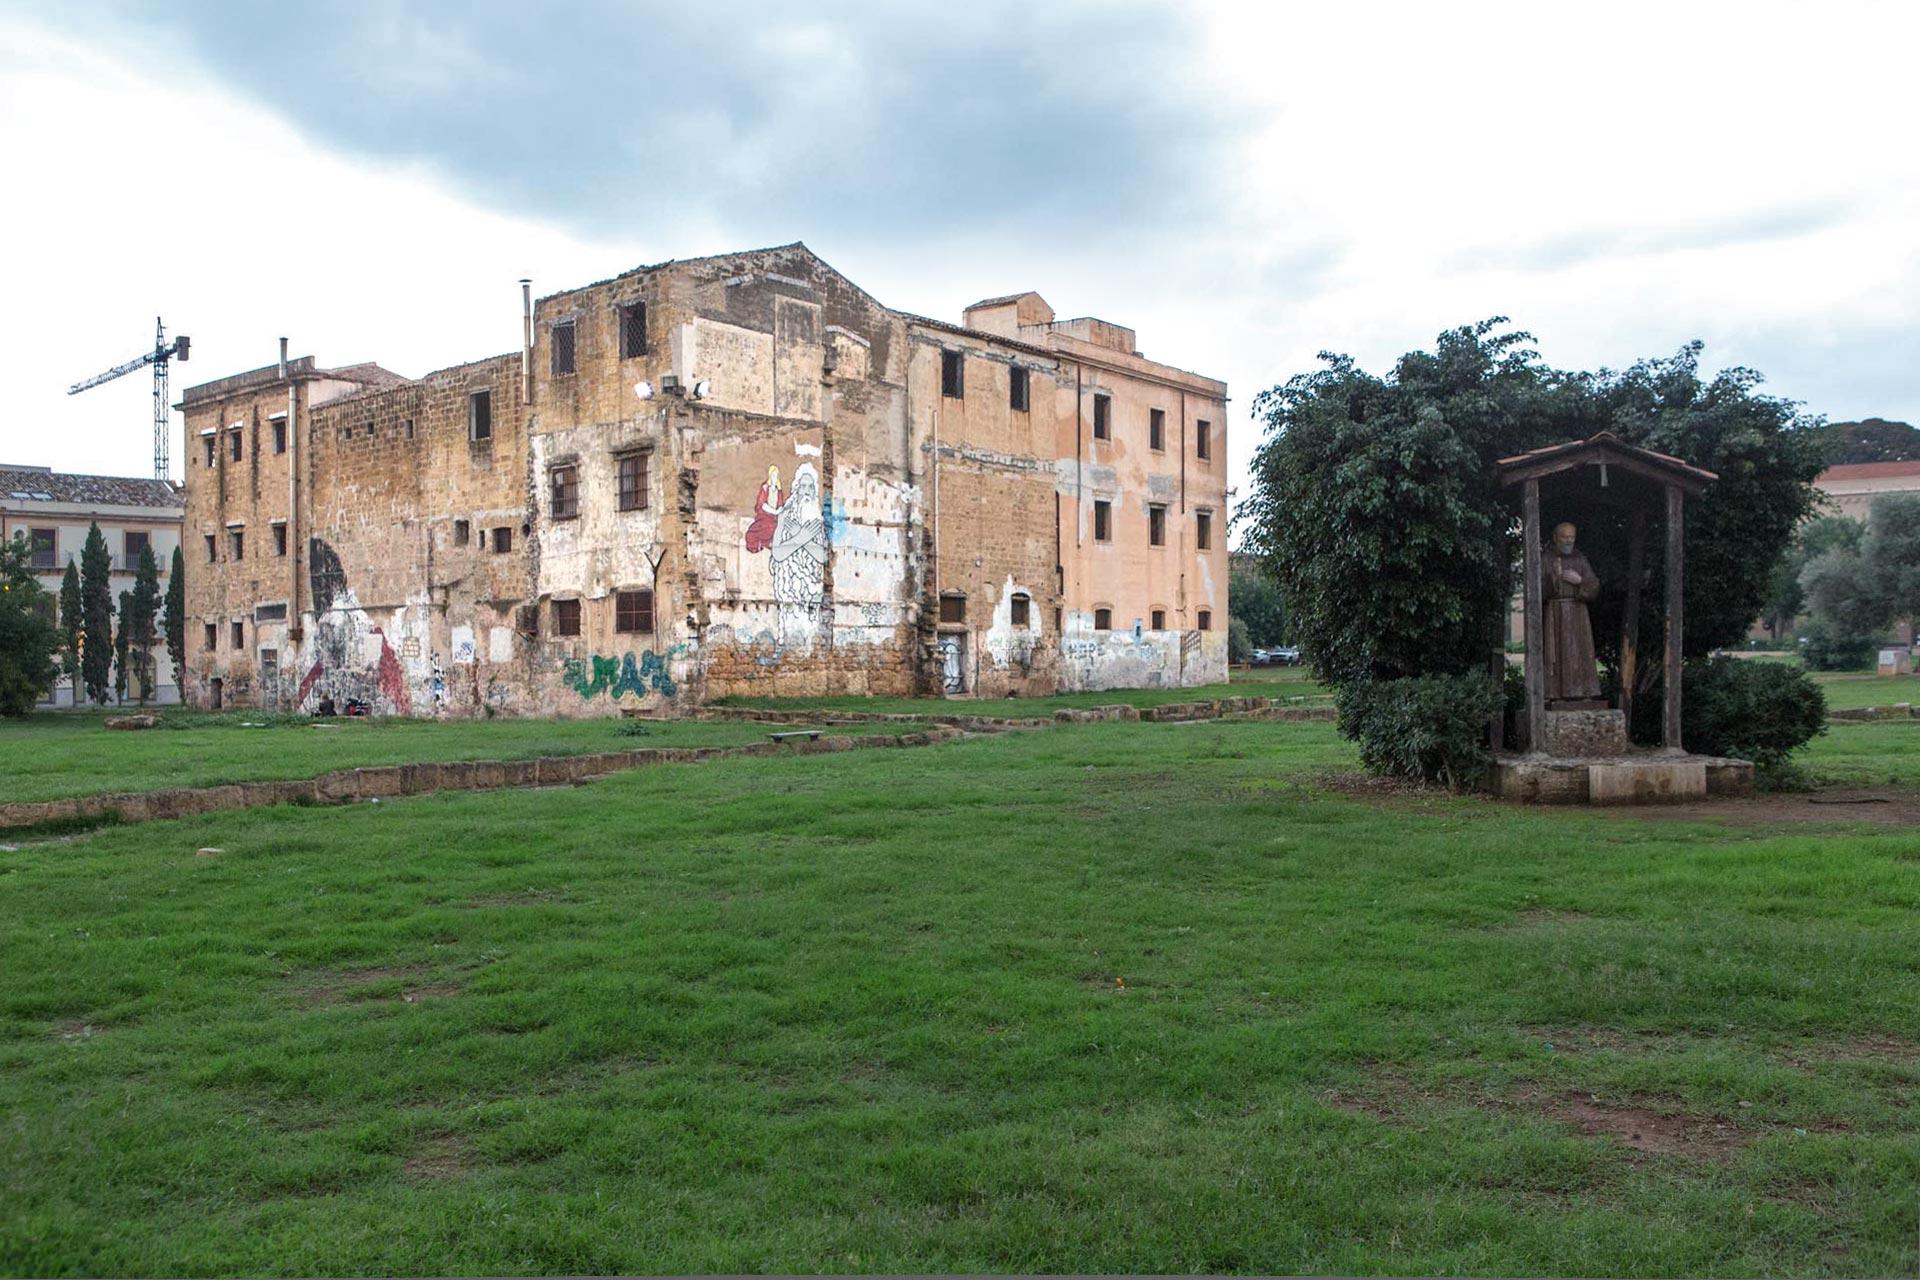 """""""Die Piazza Magione mutet an wie eine moderne Installation, voller unwirklicher Leere zwischen Kriegsruinen und mit EU-Geldern renovierten Palästen, die mit günstigen Airbnb-Tarifen um Kunden werben. Unter einem Olivenbaum steht der Gedenkstein für den ermordeten Antimafia-Staatsanwalt Giovanni Falcone, der wie sein Freund und ebenfalls ermordeter Kollege Paolo Borsellino hier aufwuchs, an den in der benachbarten Via della Vetreria eine kleine Gedenkstätte erinnert. In der Mitte des Platzes thront wie eine Festung ein Kloster, auf dessen Seitenwand ein riesiges Graffito verwittert, das einen schlafenden Papst zeigt: Erschöpft stützt er sein Gesicht auf die Hand und blickt auf die leeren Rasenflächen mit dem Straßenpflaster und den zerstörten Fundamenten der Häuser.""""  Text (Ausschnitt): 'Im Garten der Konzepte' von Petra Reski für DIE ZEIT"""